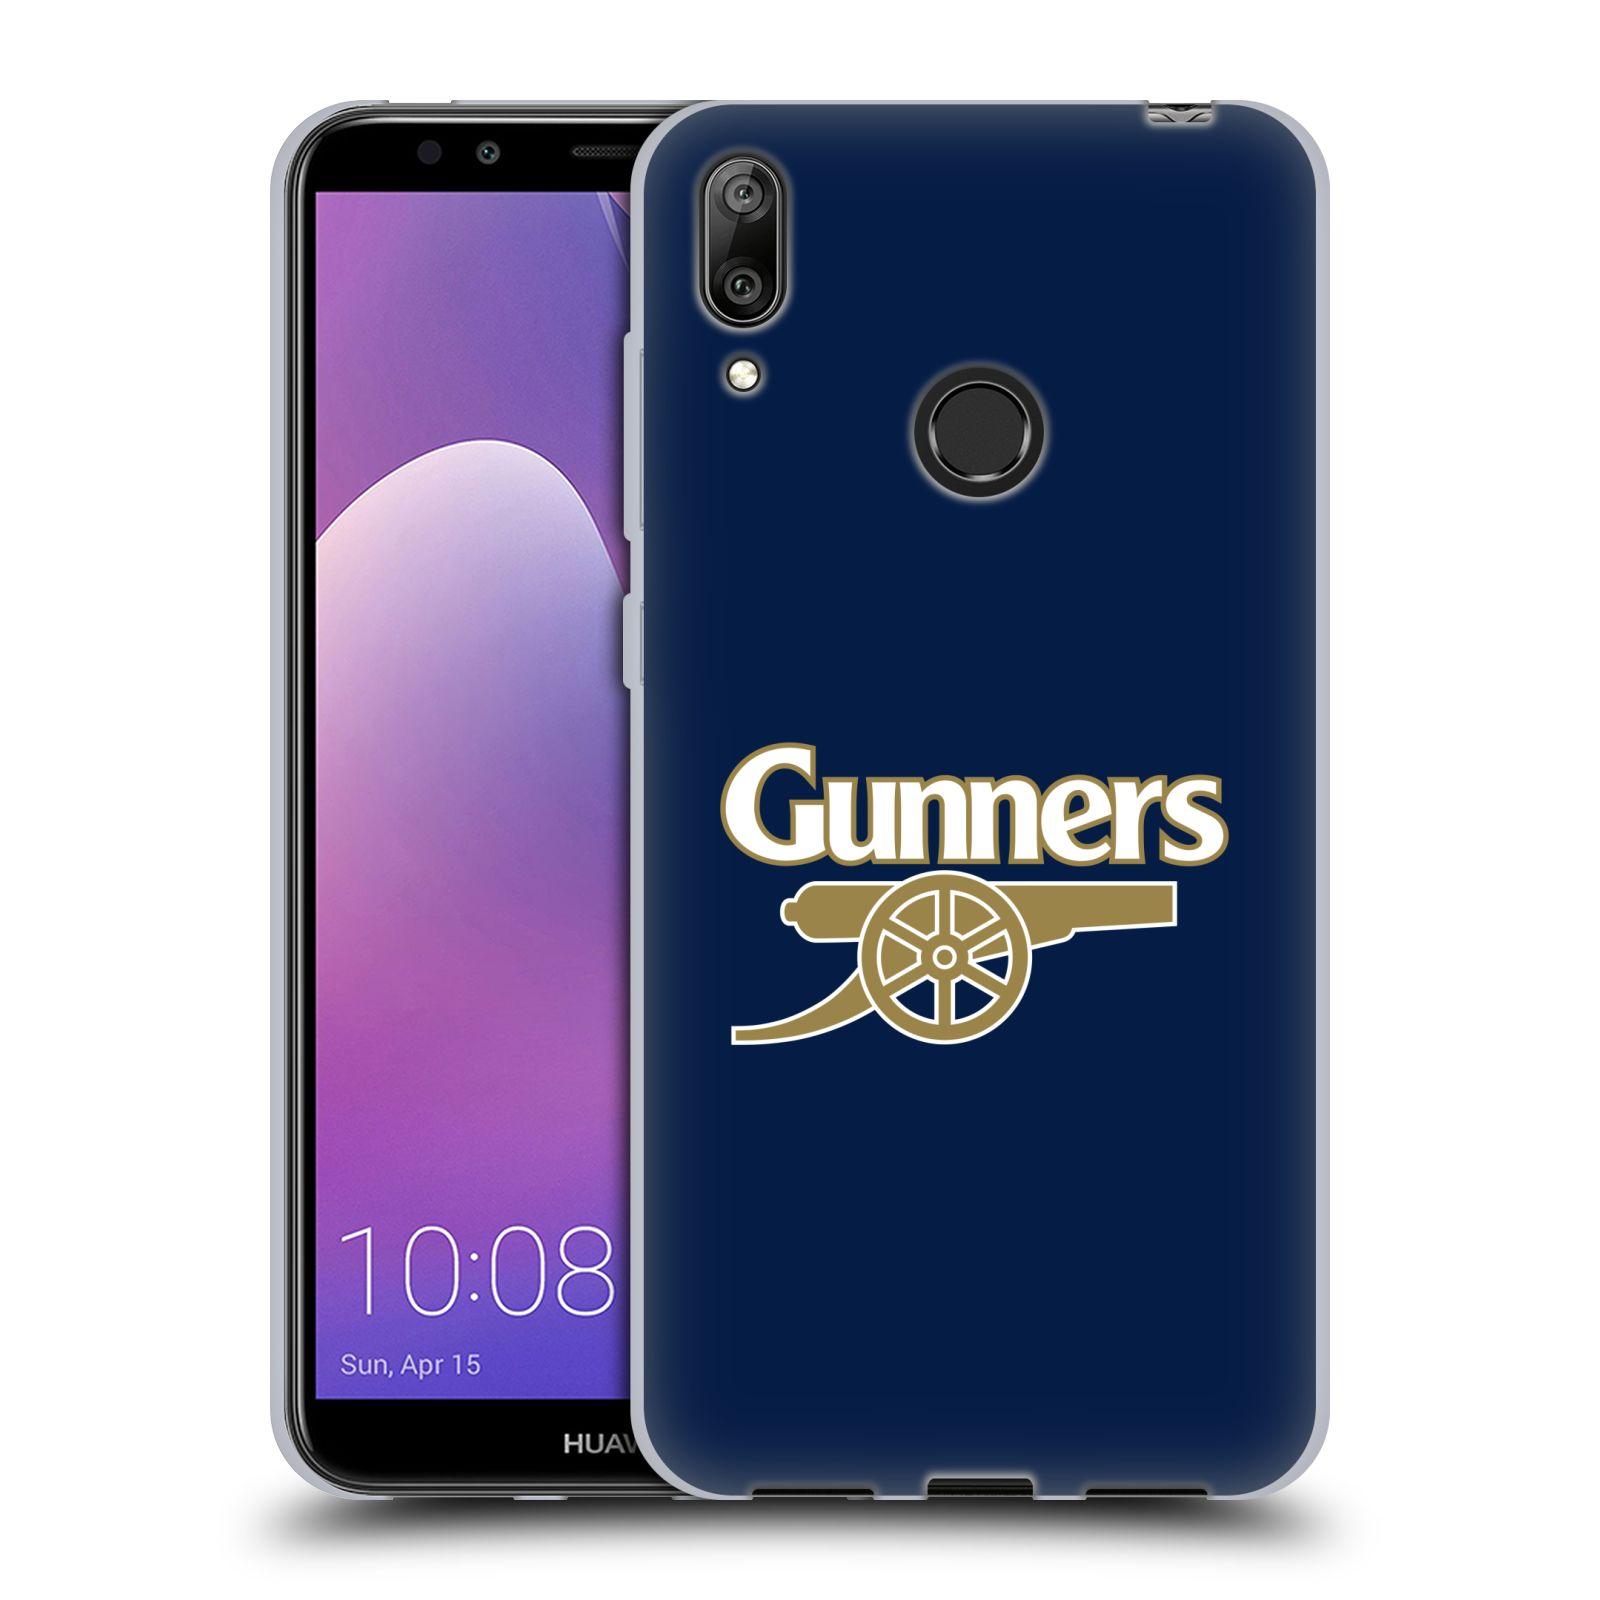 Silikonové pouzdro na mobil Huawei Y7 (2019) - Head Case - Arsenal FC - Gunners